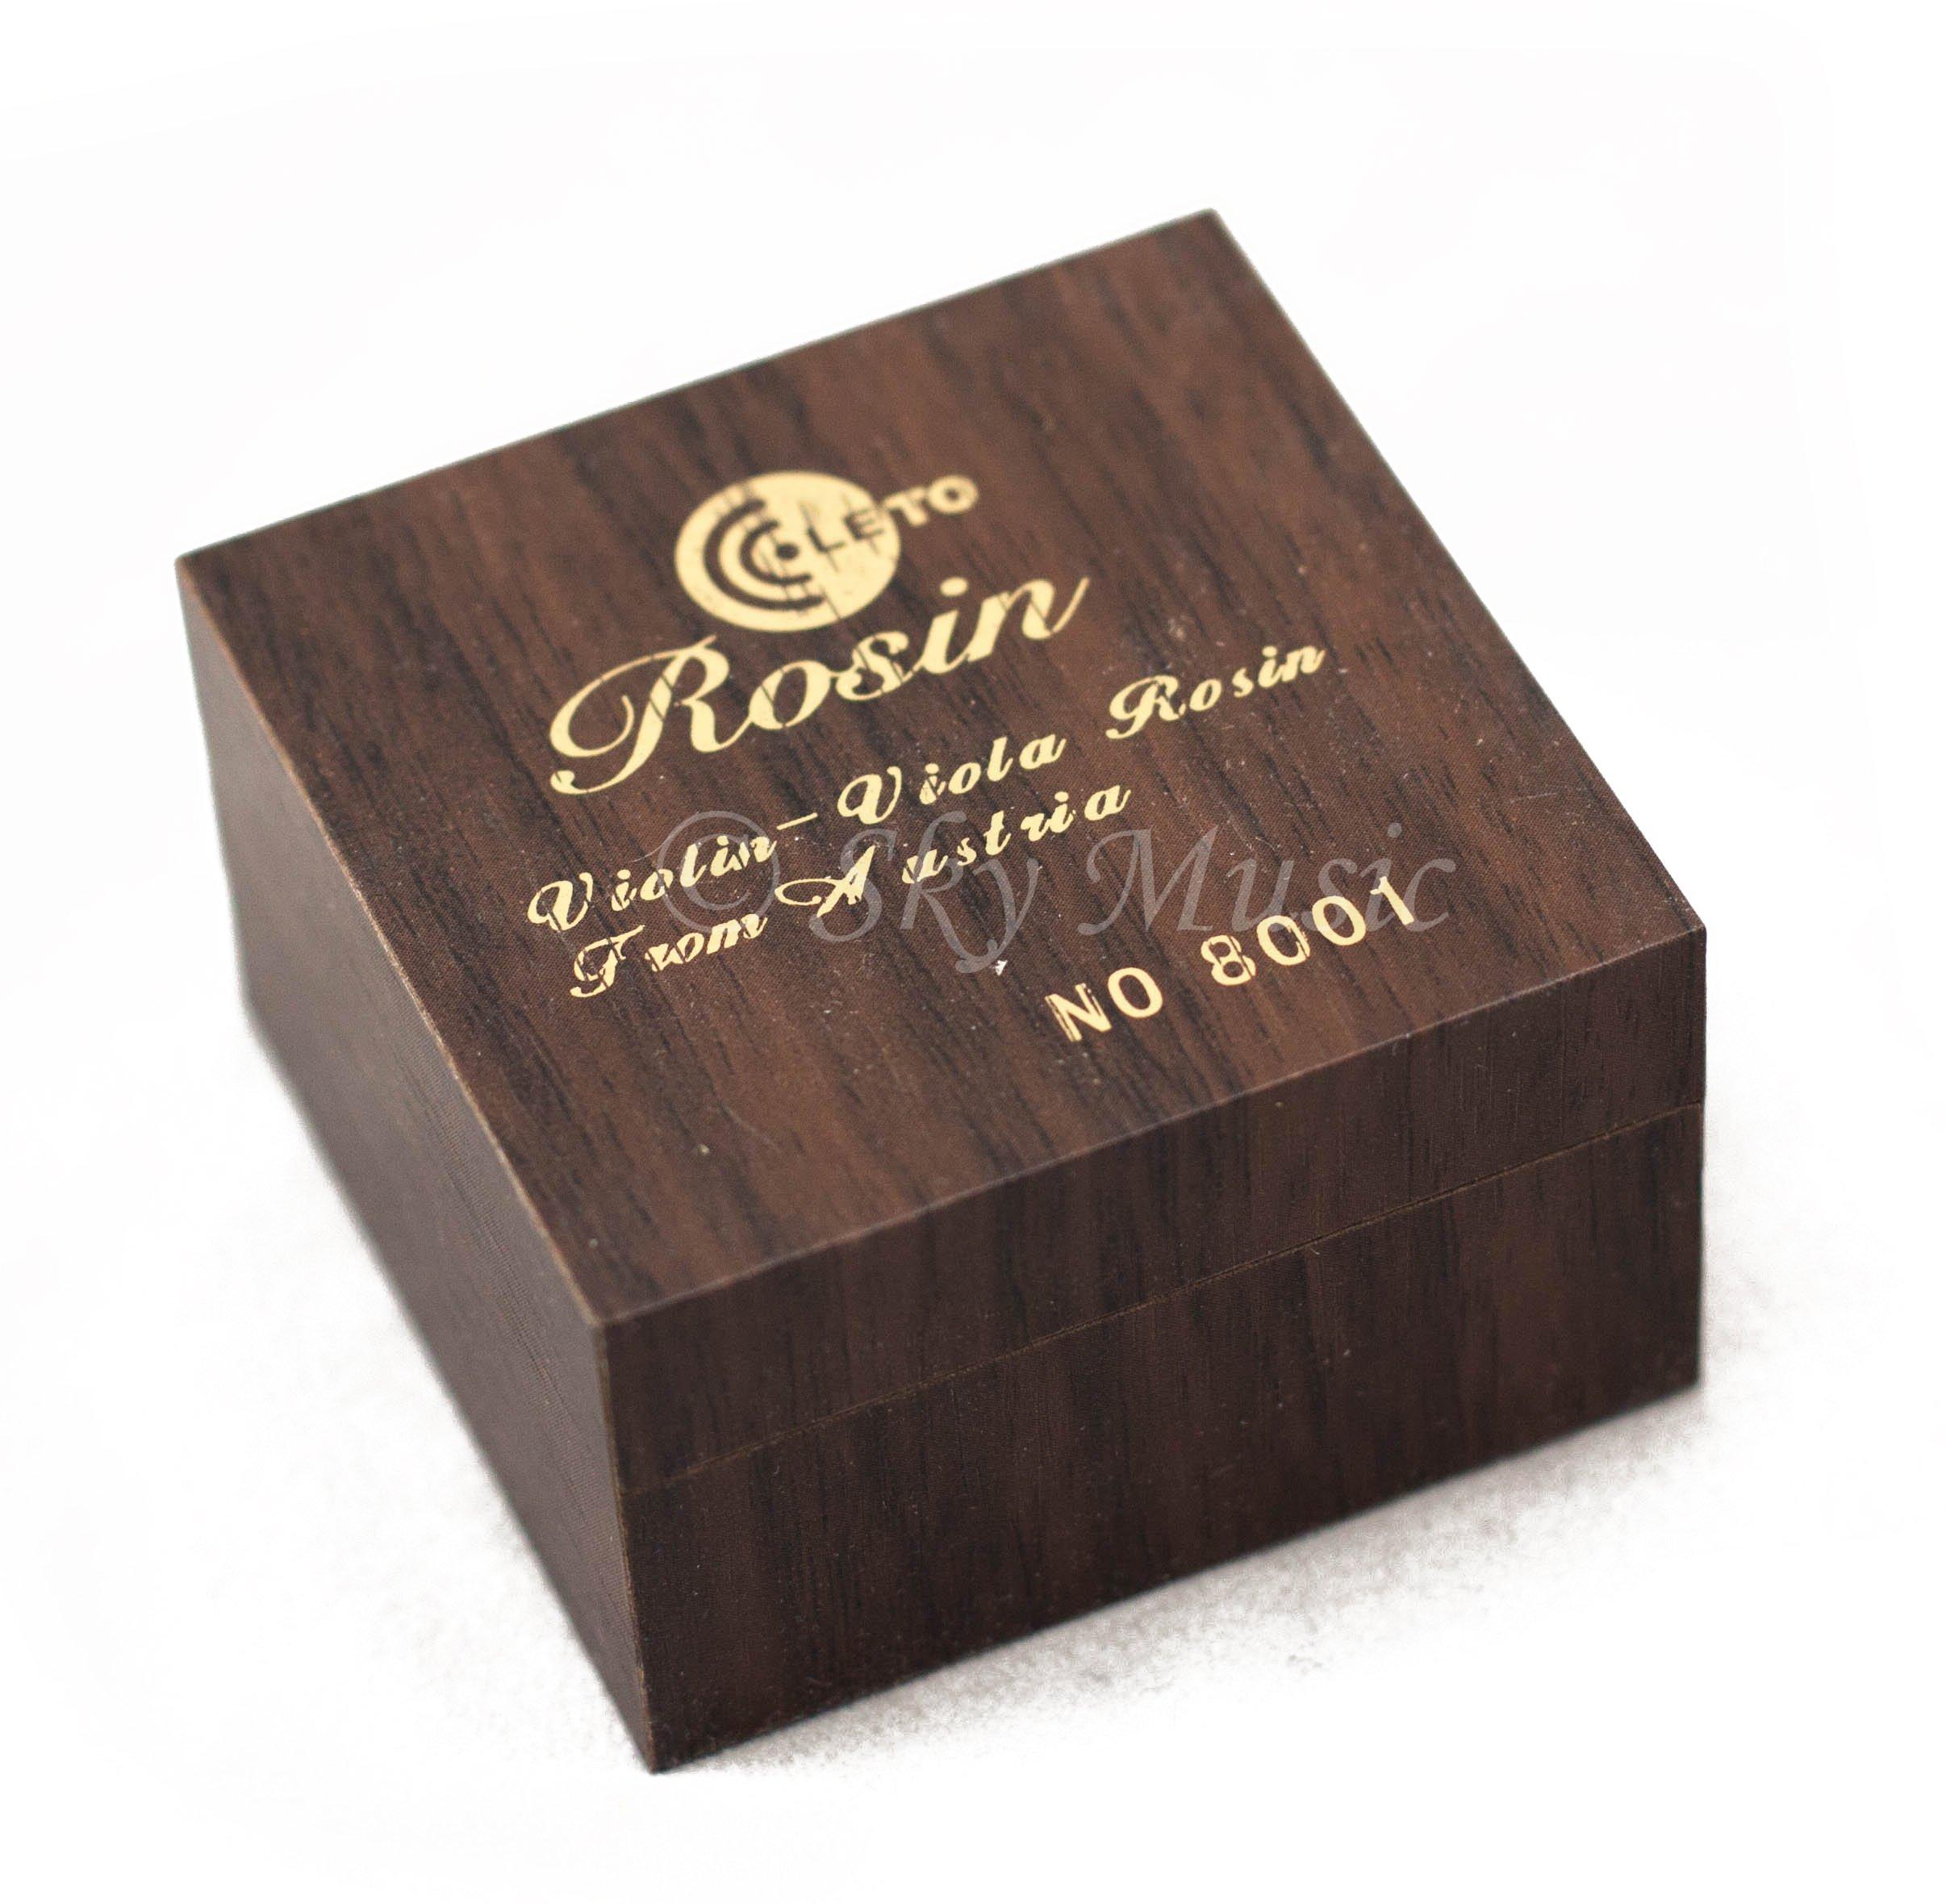 Leto Quality Rosin #8001, Containing Gold Powder, Wooden Box, for Violin,viola,cello